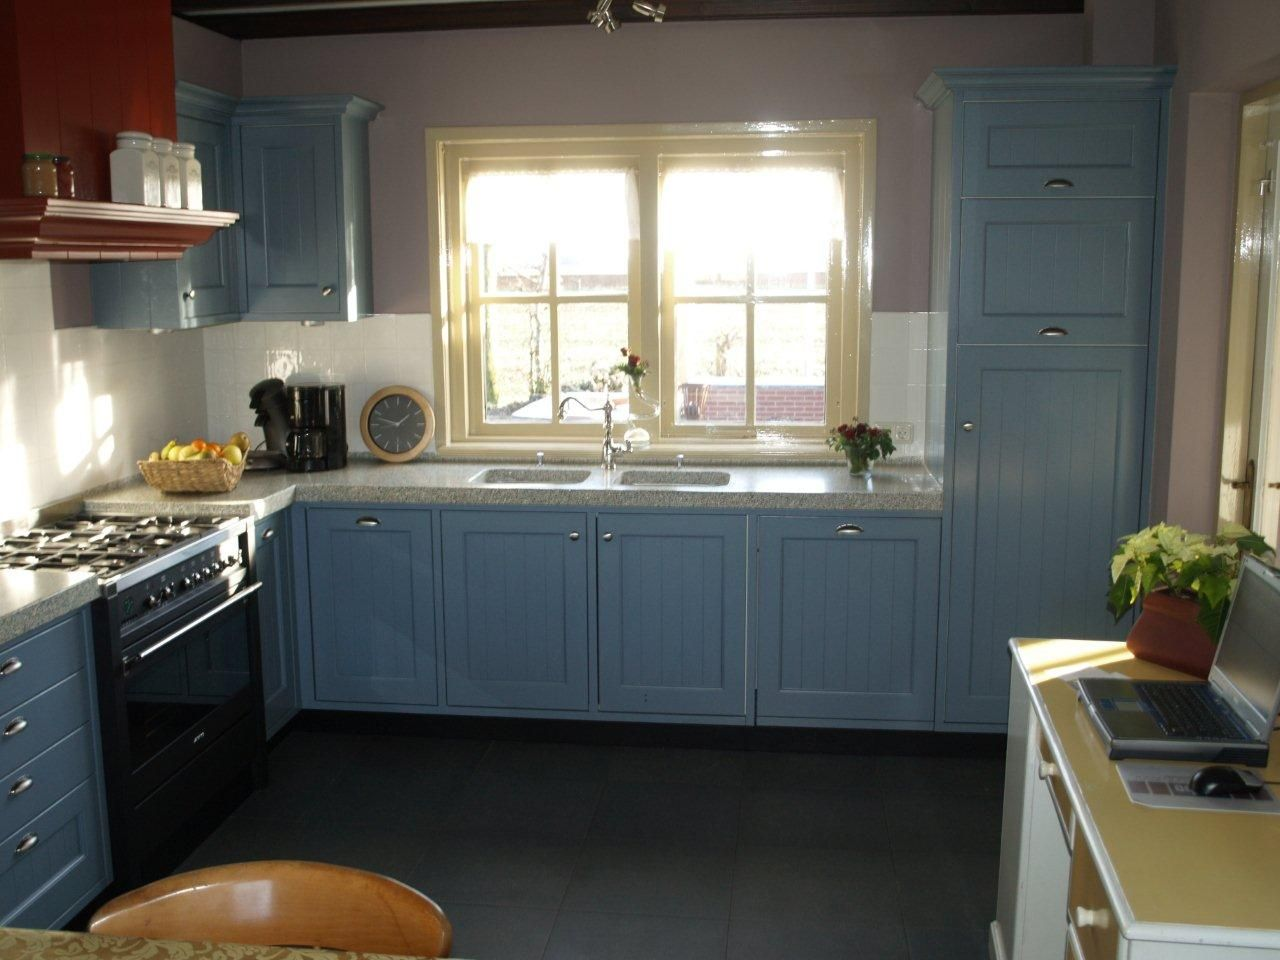 Vri interieur exclusieve landelijk klassieke keuken op for Interieur keuken ideeen